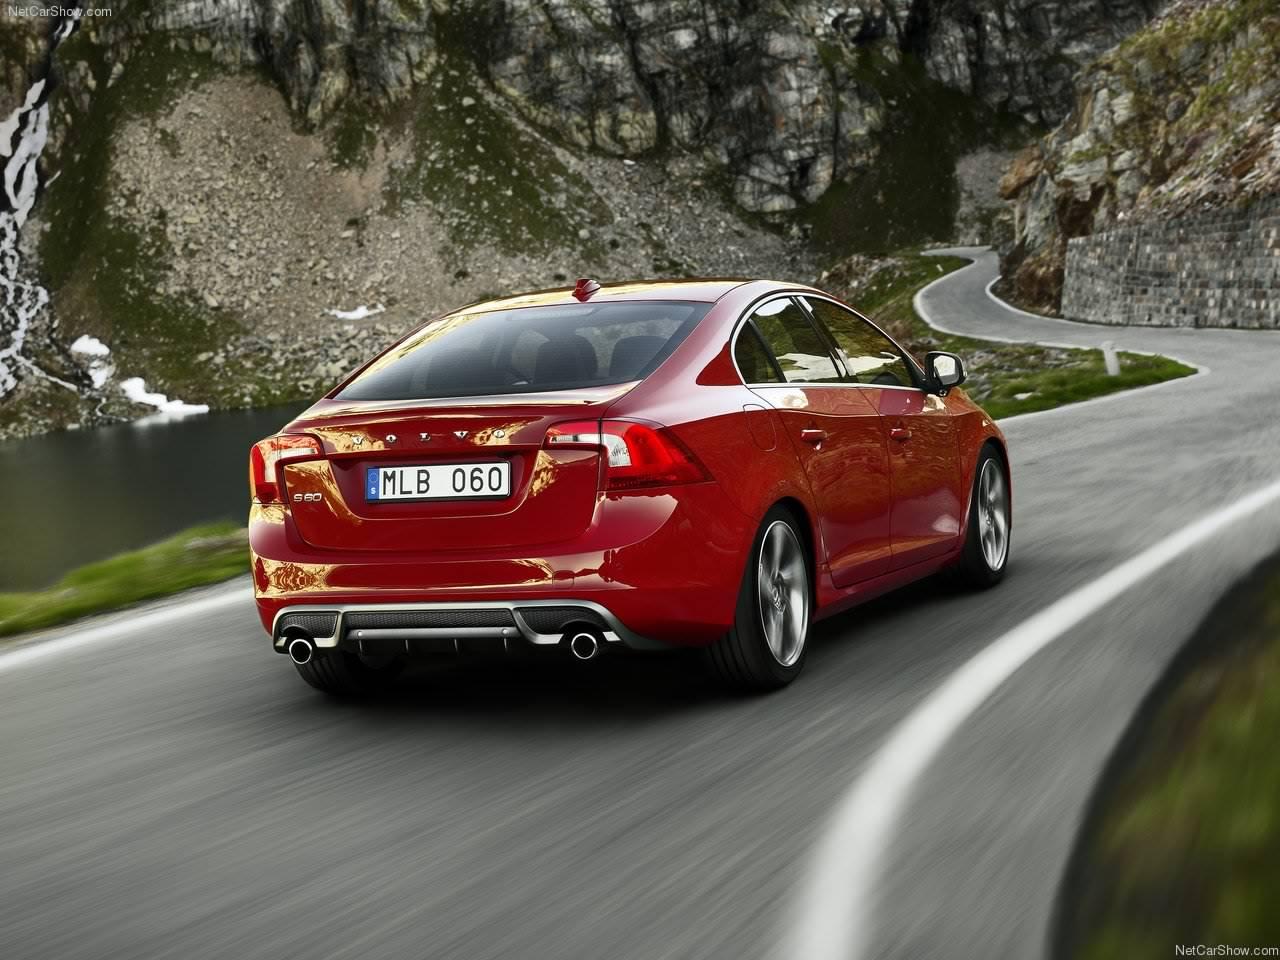 http://3.bp.blogspot.com/_lsyt_wQ2awY/TJjOQjWKJpI/AAAAAAACFNI/NrrdSAk_F04/s1600/Volvo-S60_R-Design_2011_1280x960_wallpaper_04.jpg